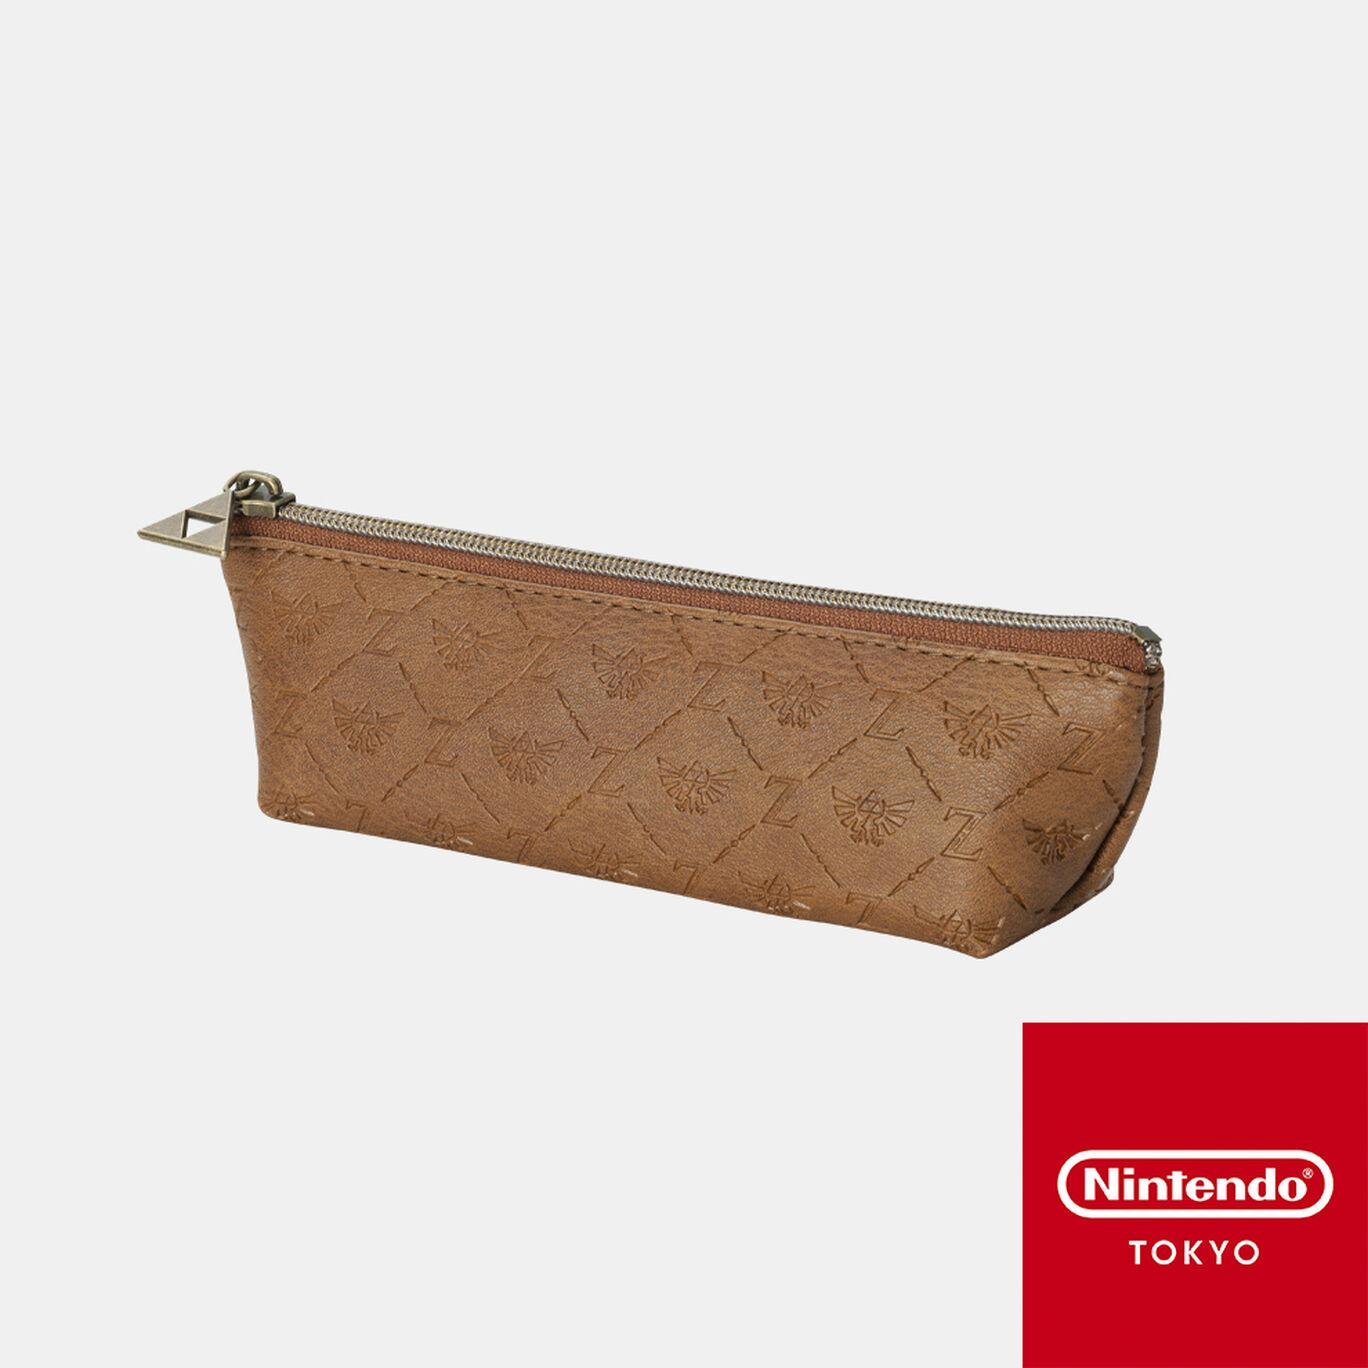 ペンケース ゼルダの伝説【Nintendo TOKYO取り扱い商品】